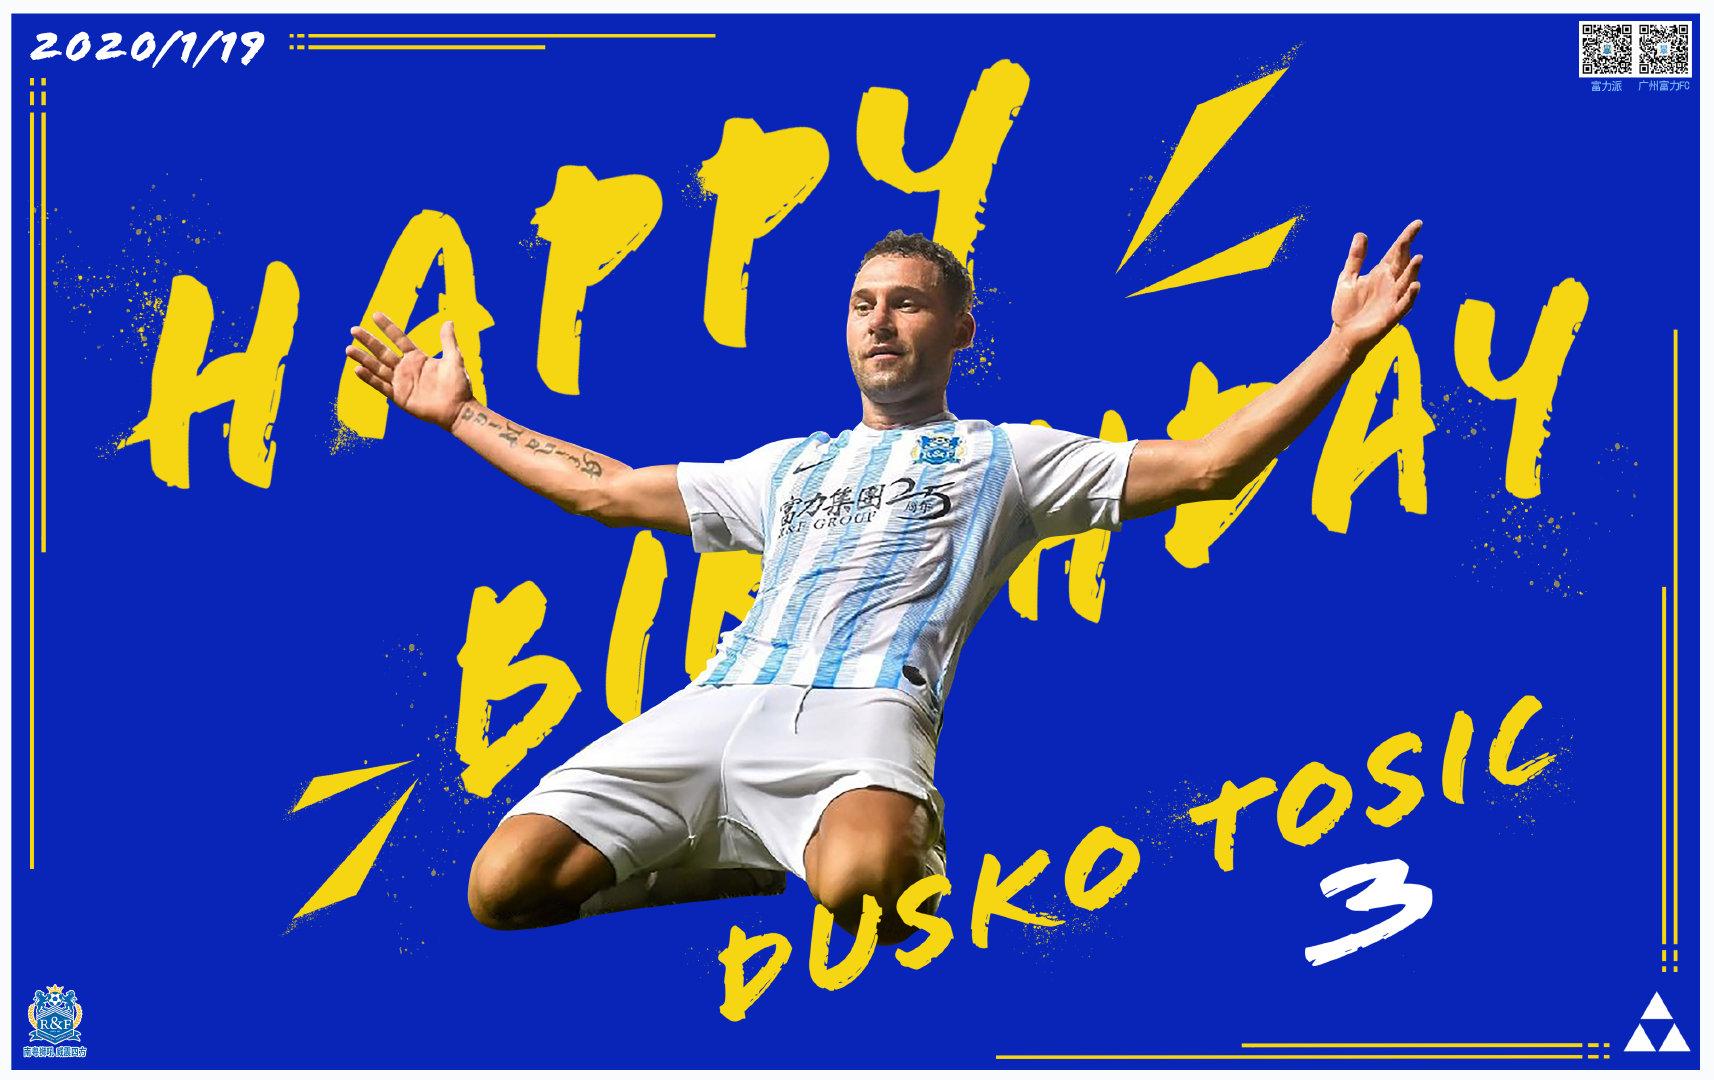 今天是富力大家庭中球员托西奇的生日